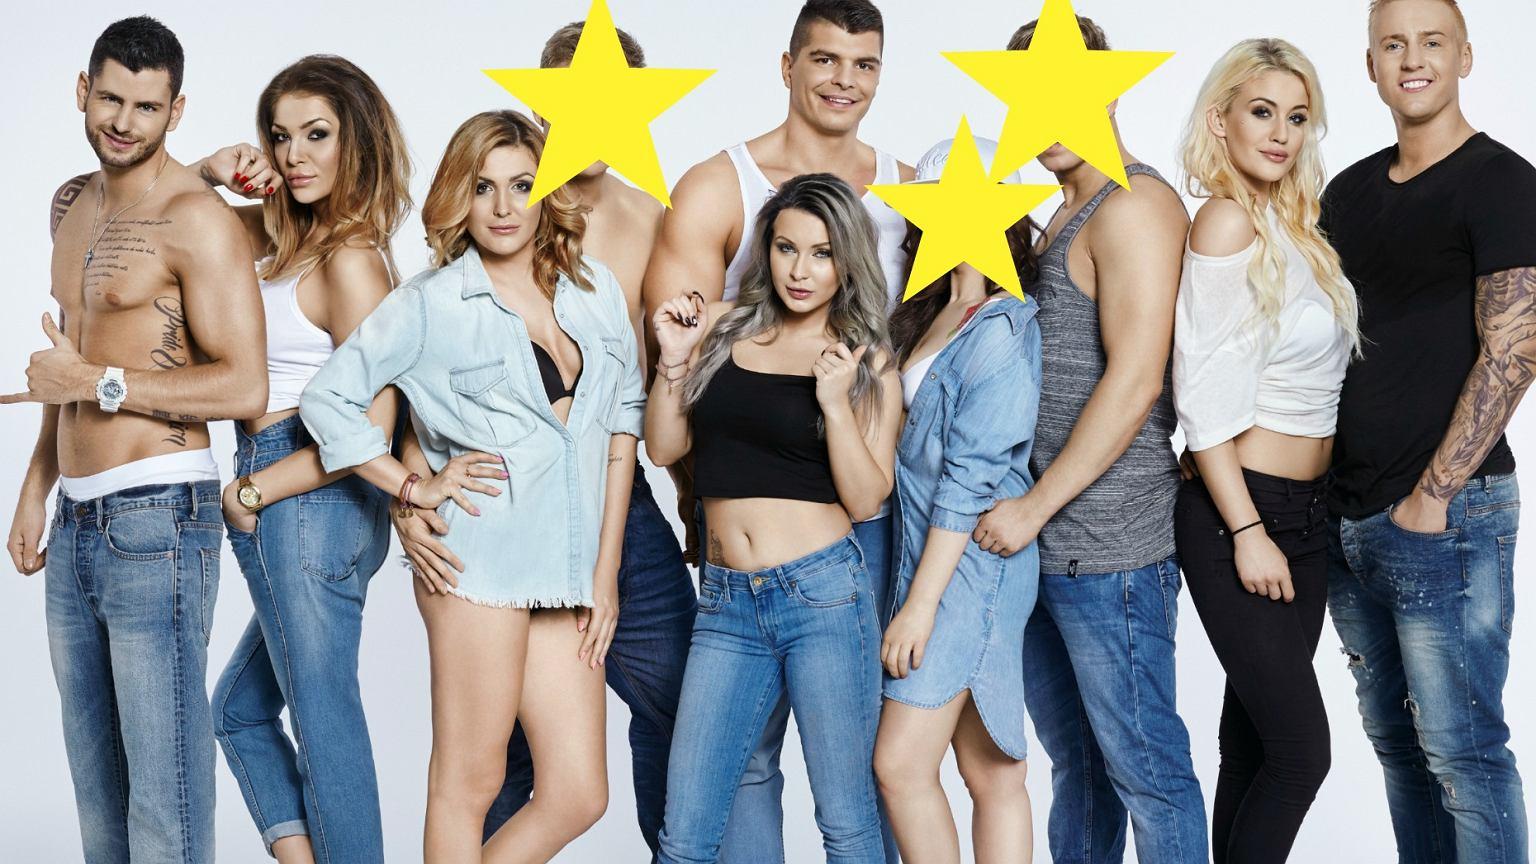 Warsaw Shore - Ekipa z Warszawy (sezon 11) na MTV